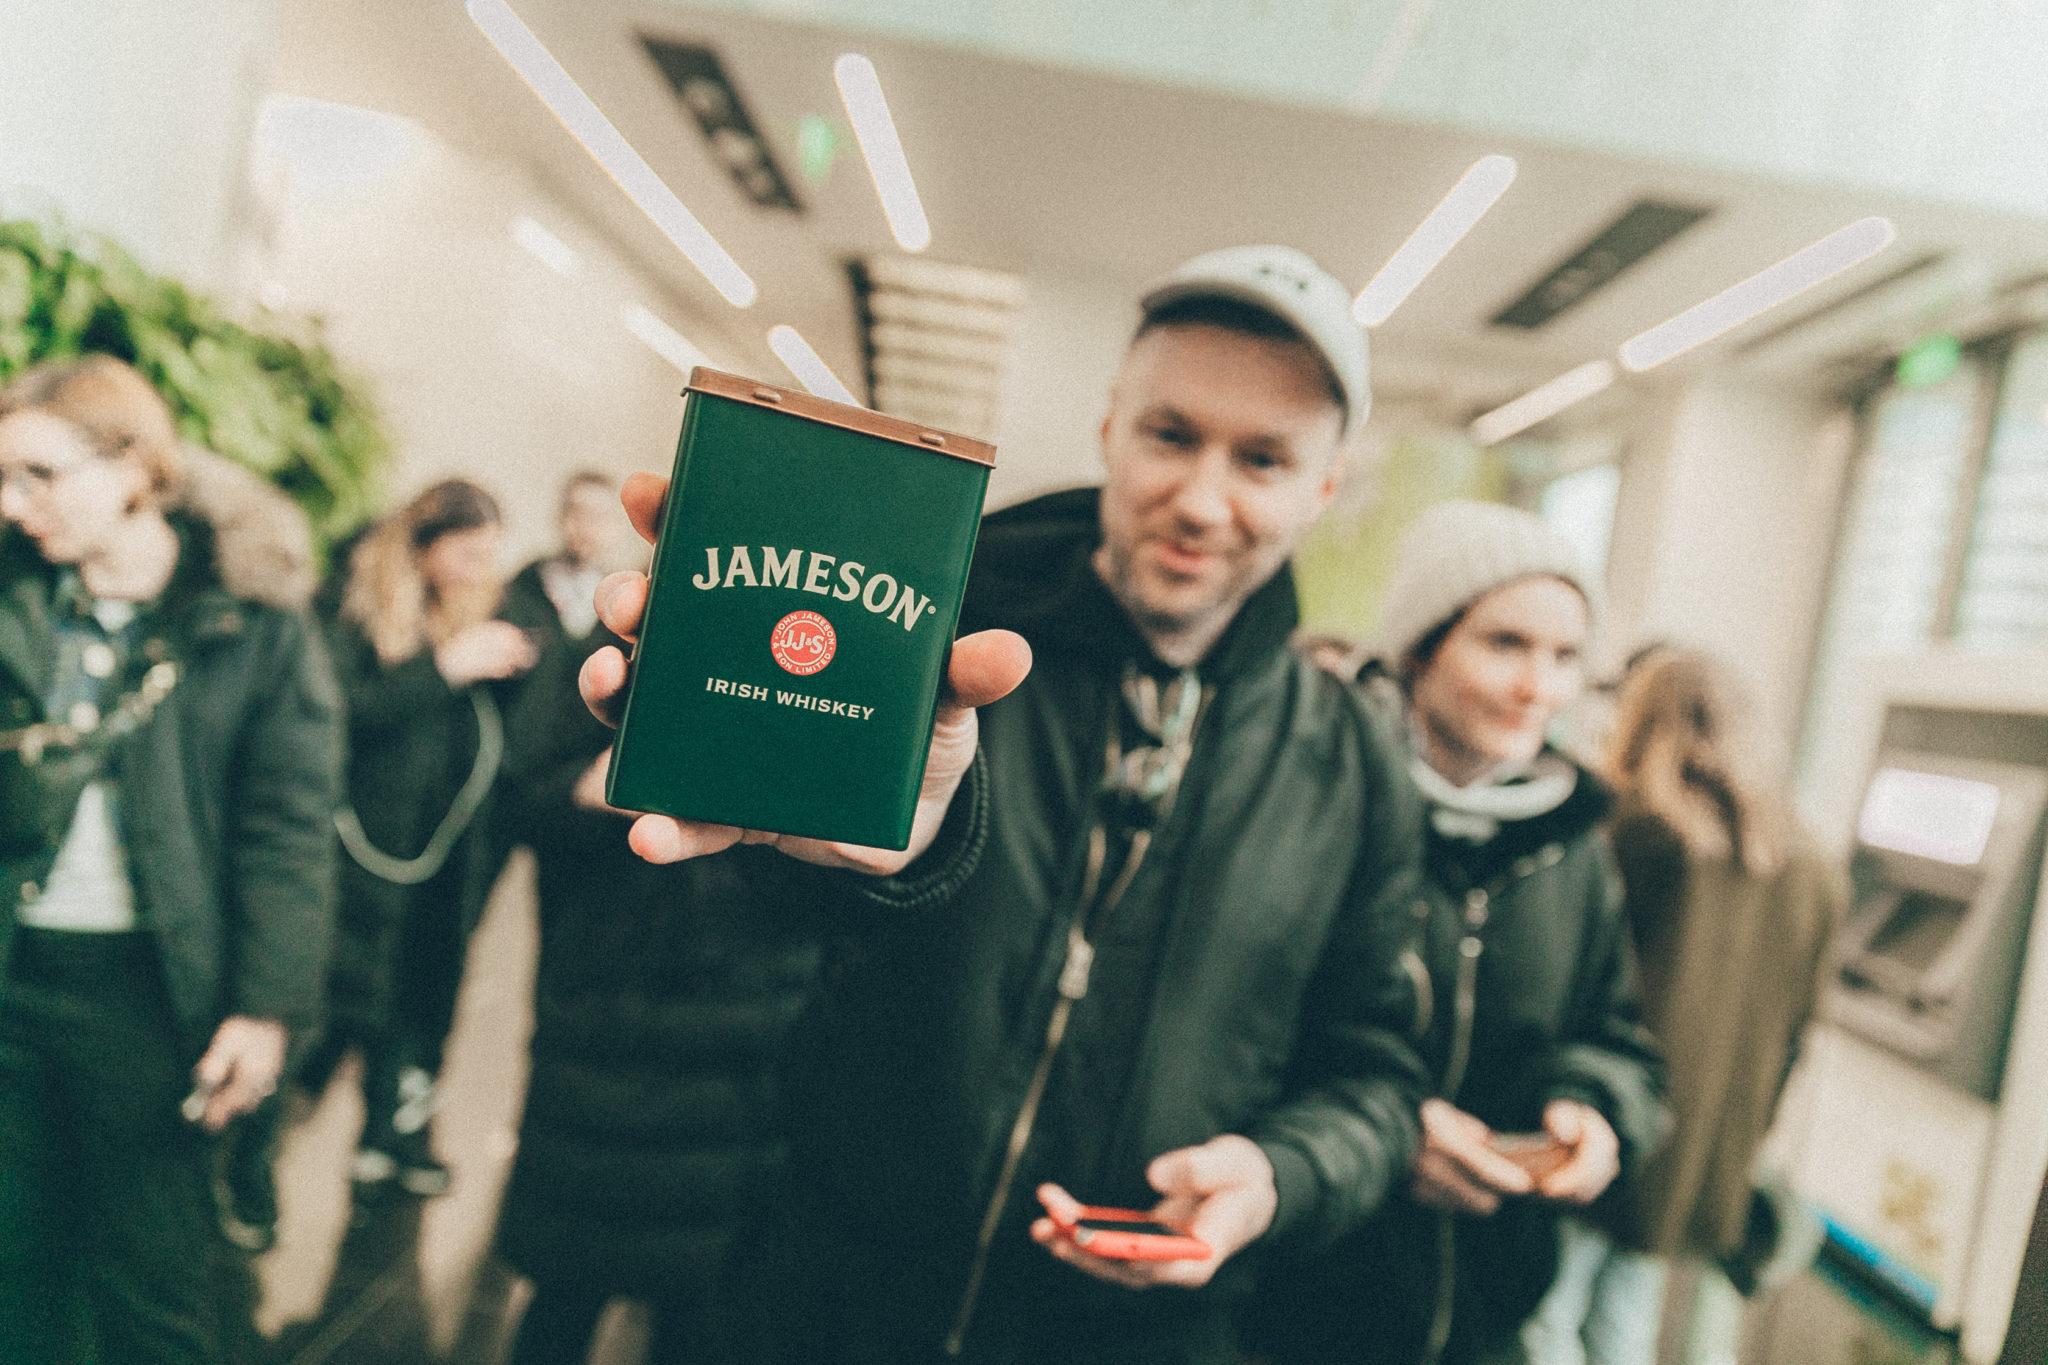 Mężczyzna w białej czapce trzymający puszkę Jameson